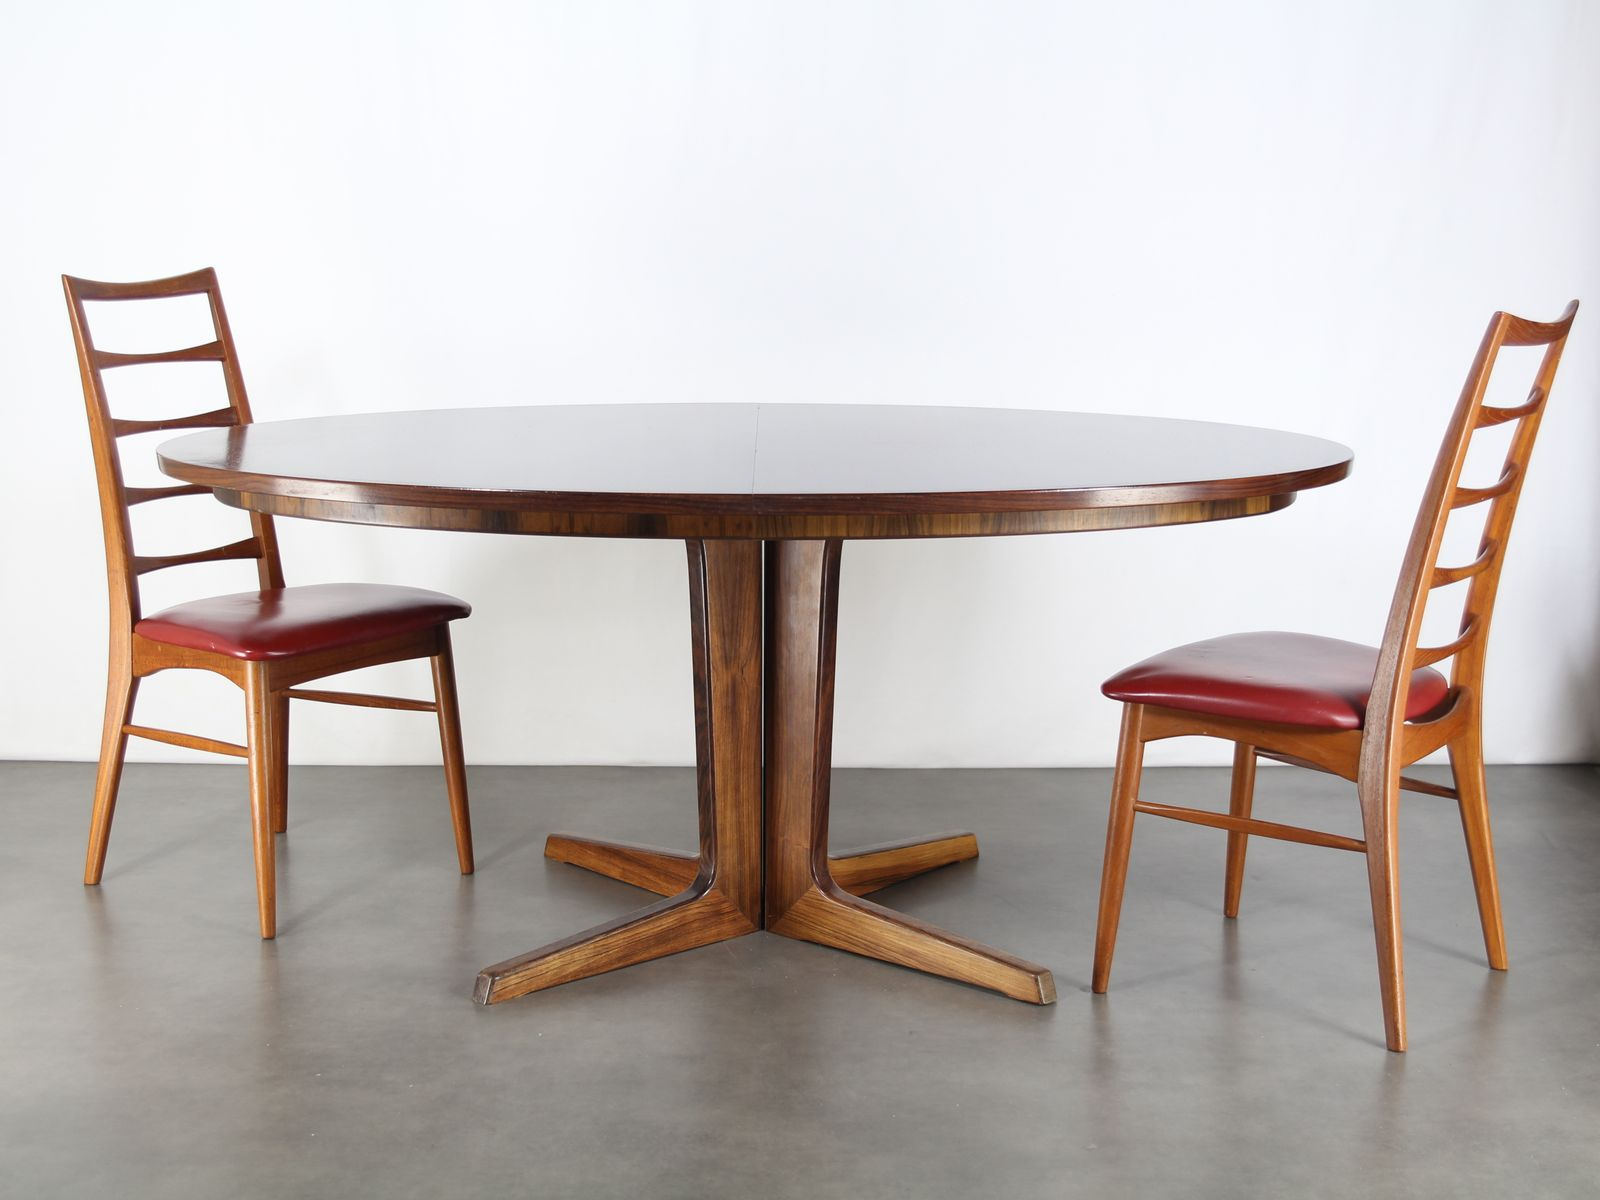 ovaler palisander esstisch von bernhard pedersen son 1960er bei pamono kaufen. Black Bedroom Furniture Sets. Home Design Ideas